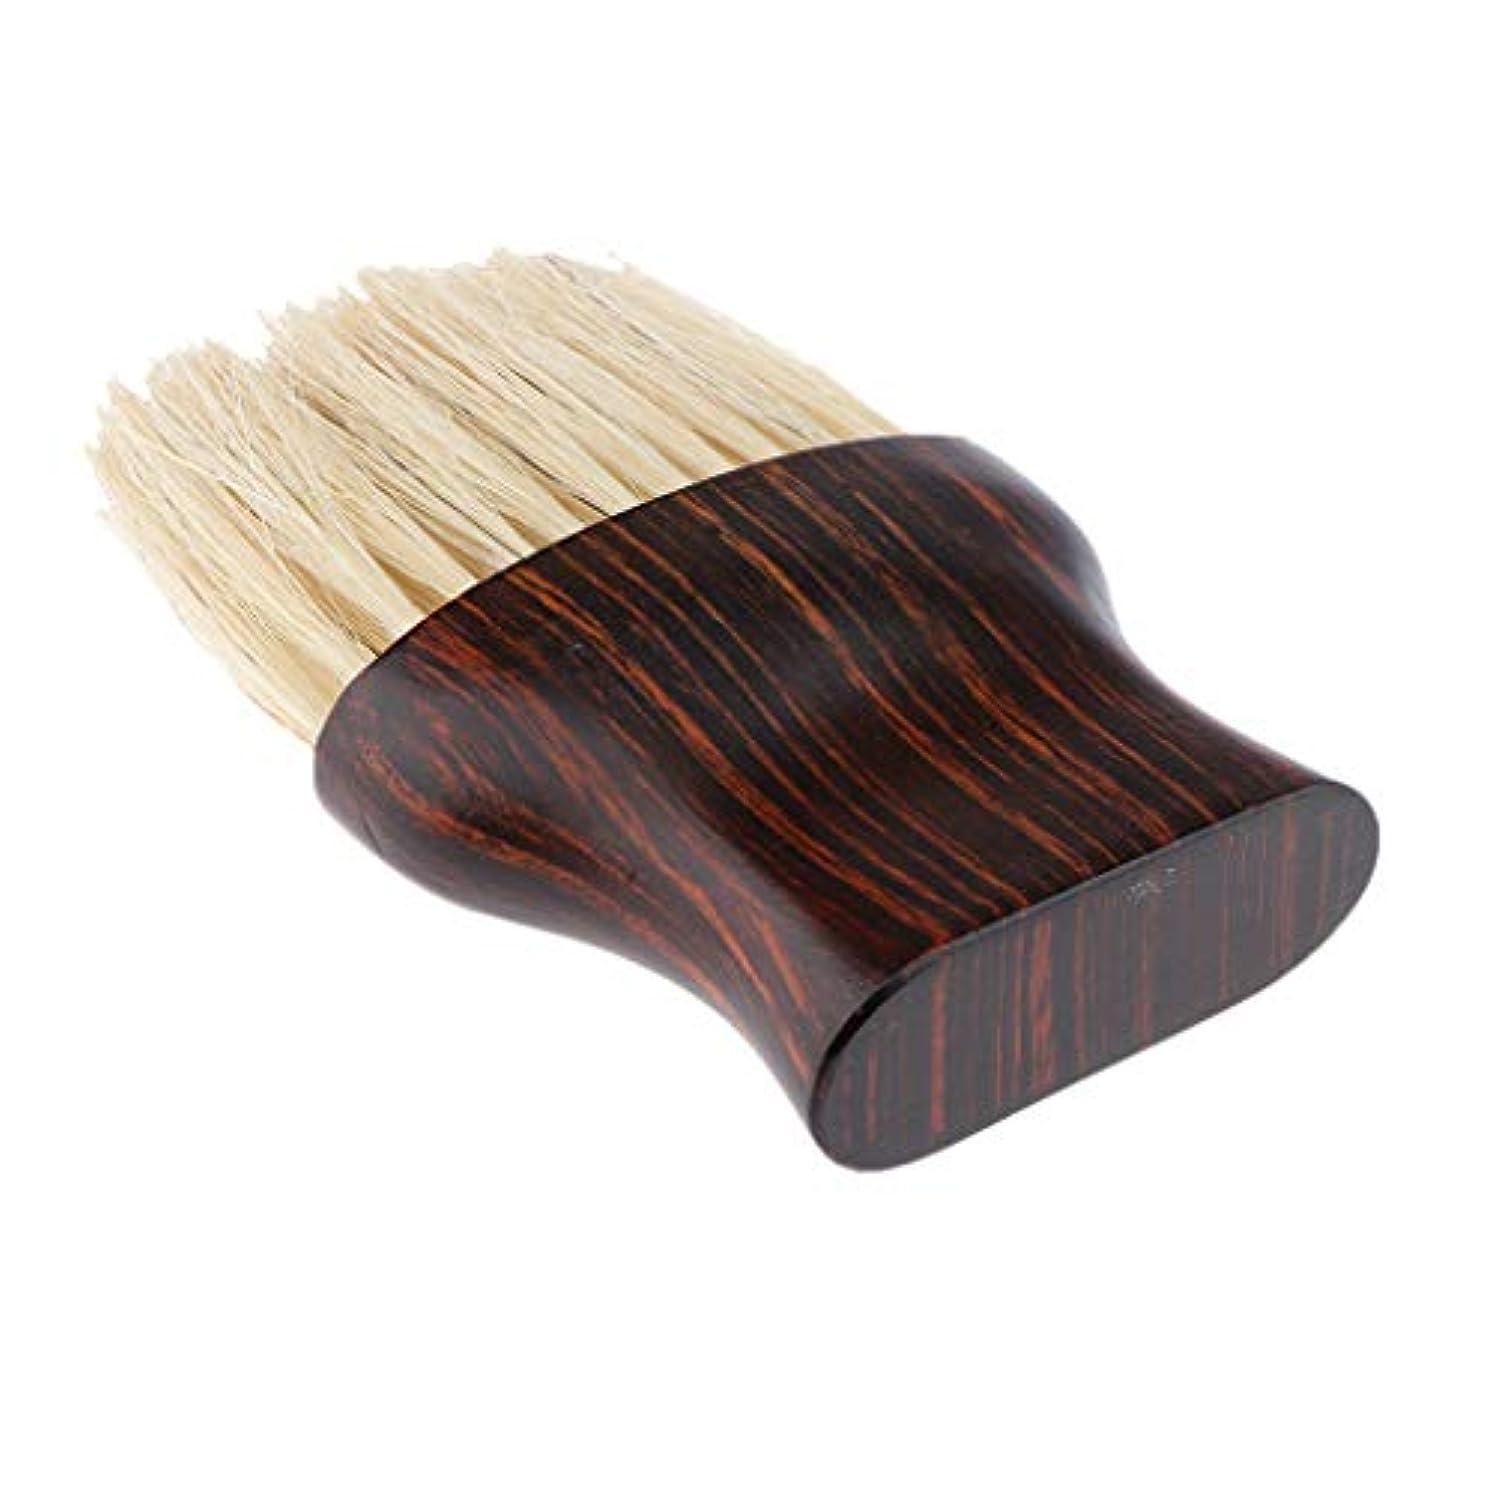 主要な追い出す髄SM SunniMix 毛払いブラシ ヘアブラシ 繊維毛 散髪 髪切り 散髪用ツール 床屋 理髪店 美容院 ソフトブラシ